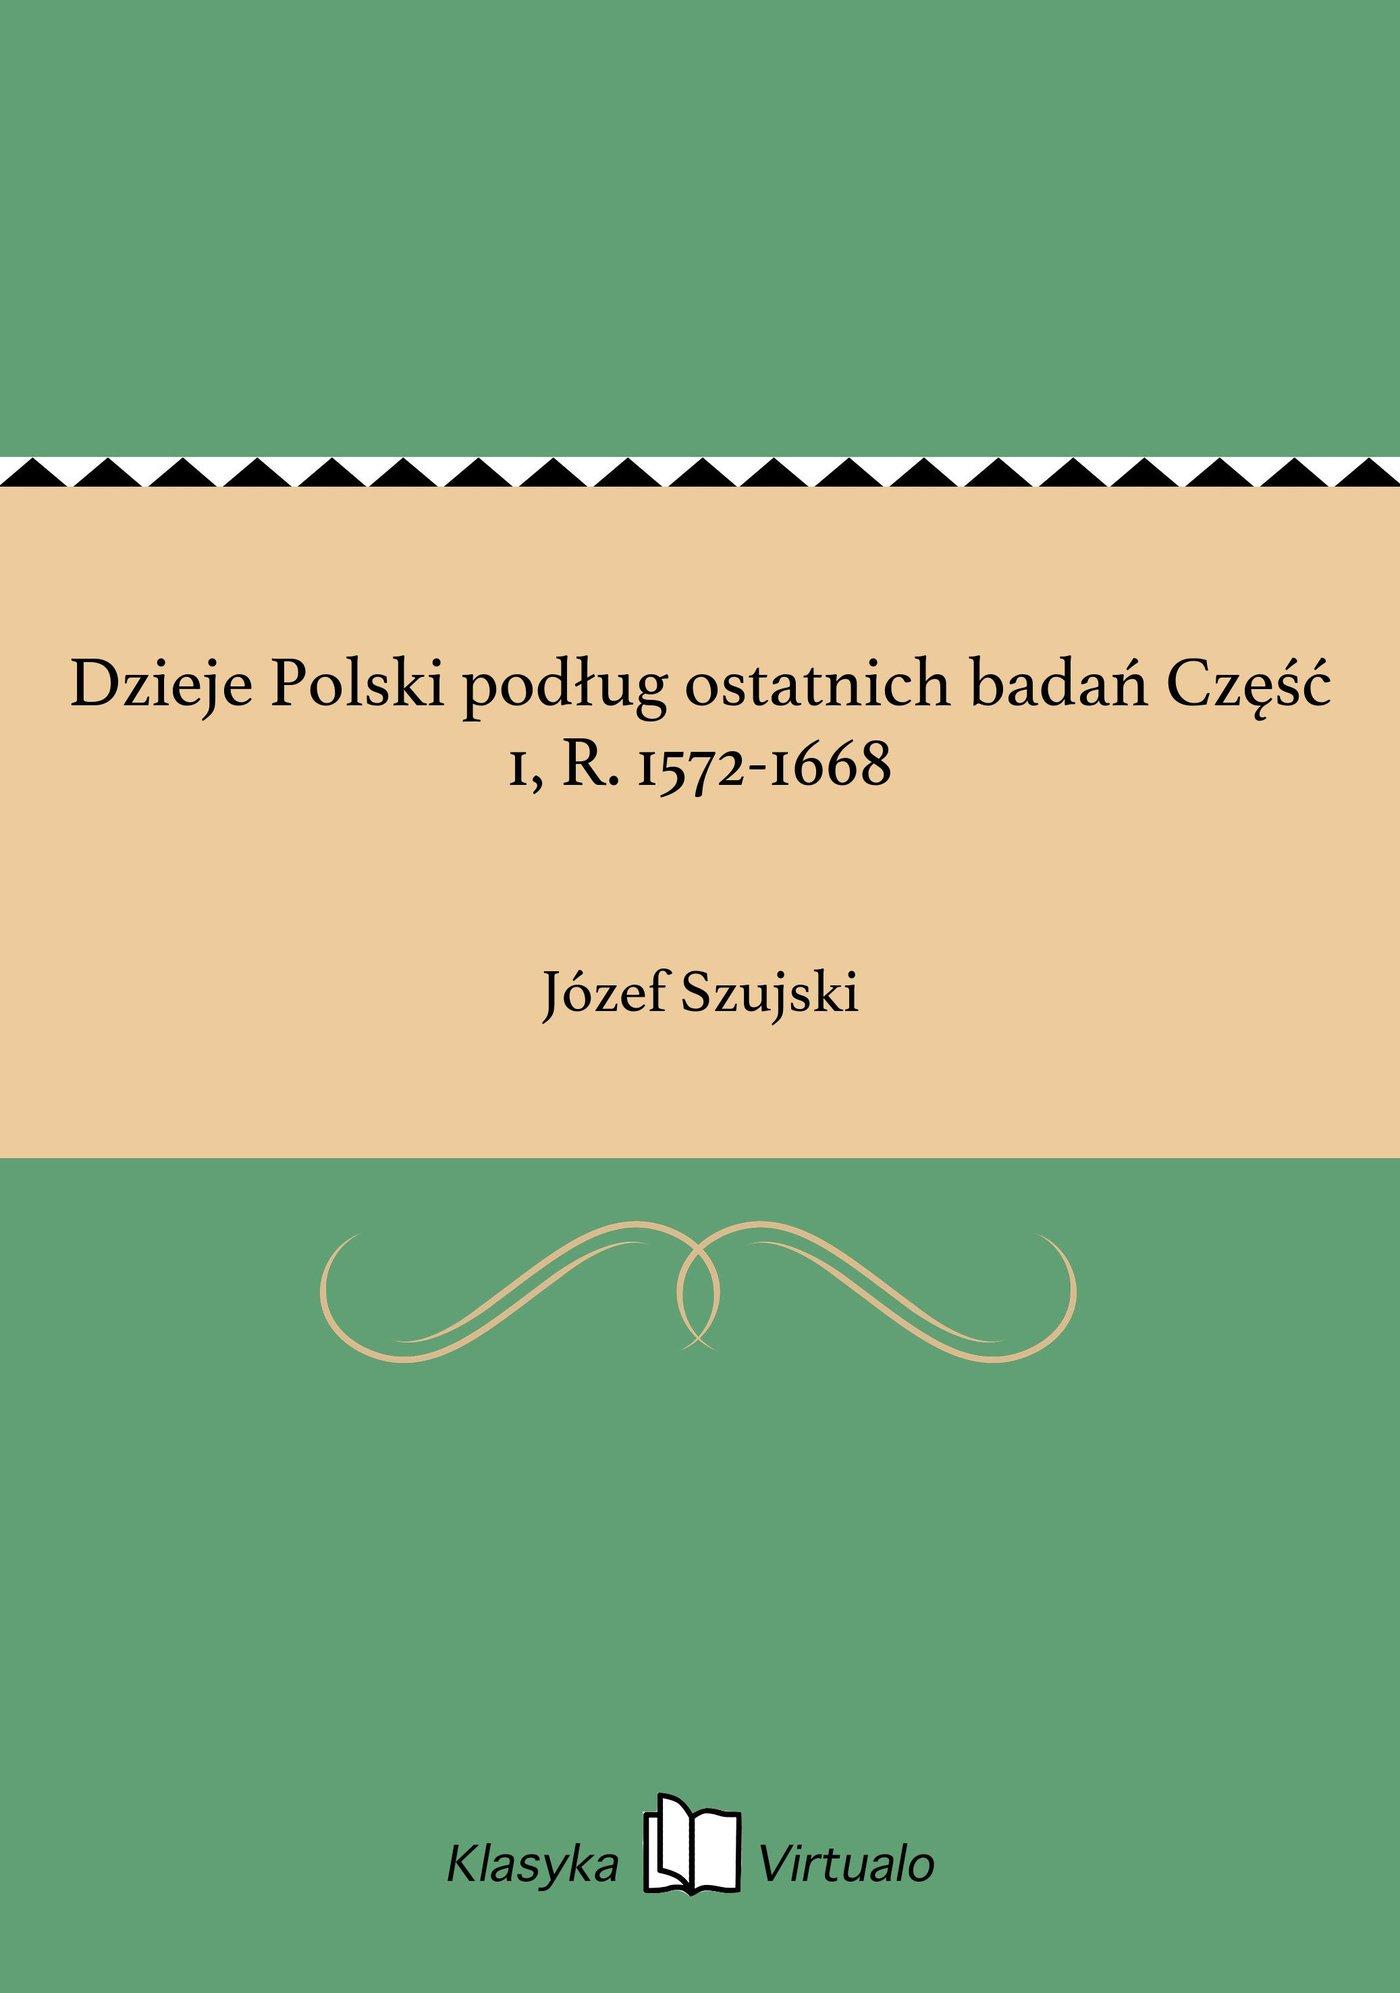 Dzieje Polski podług ostatnich badań Część 1, R. 1572-1668 - Ebook (Książka EPUB) do pobrania w formacie EPUB